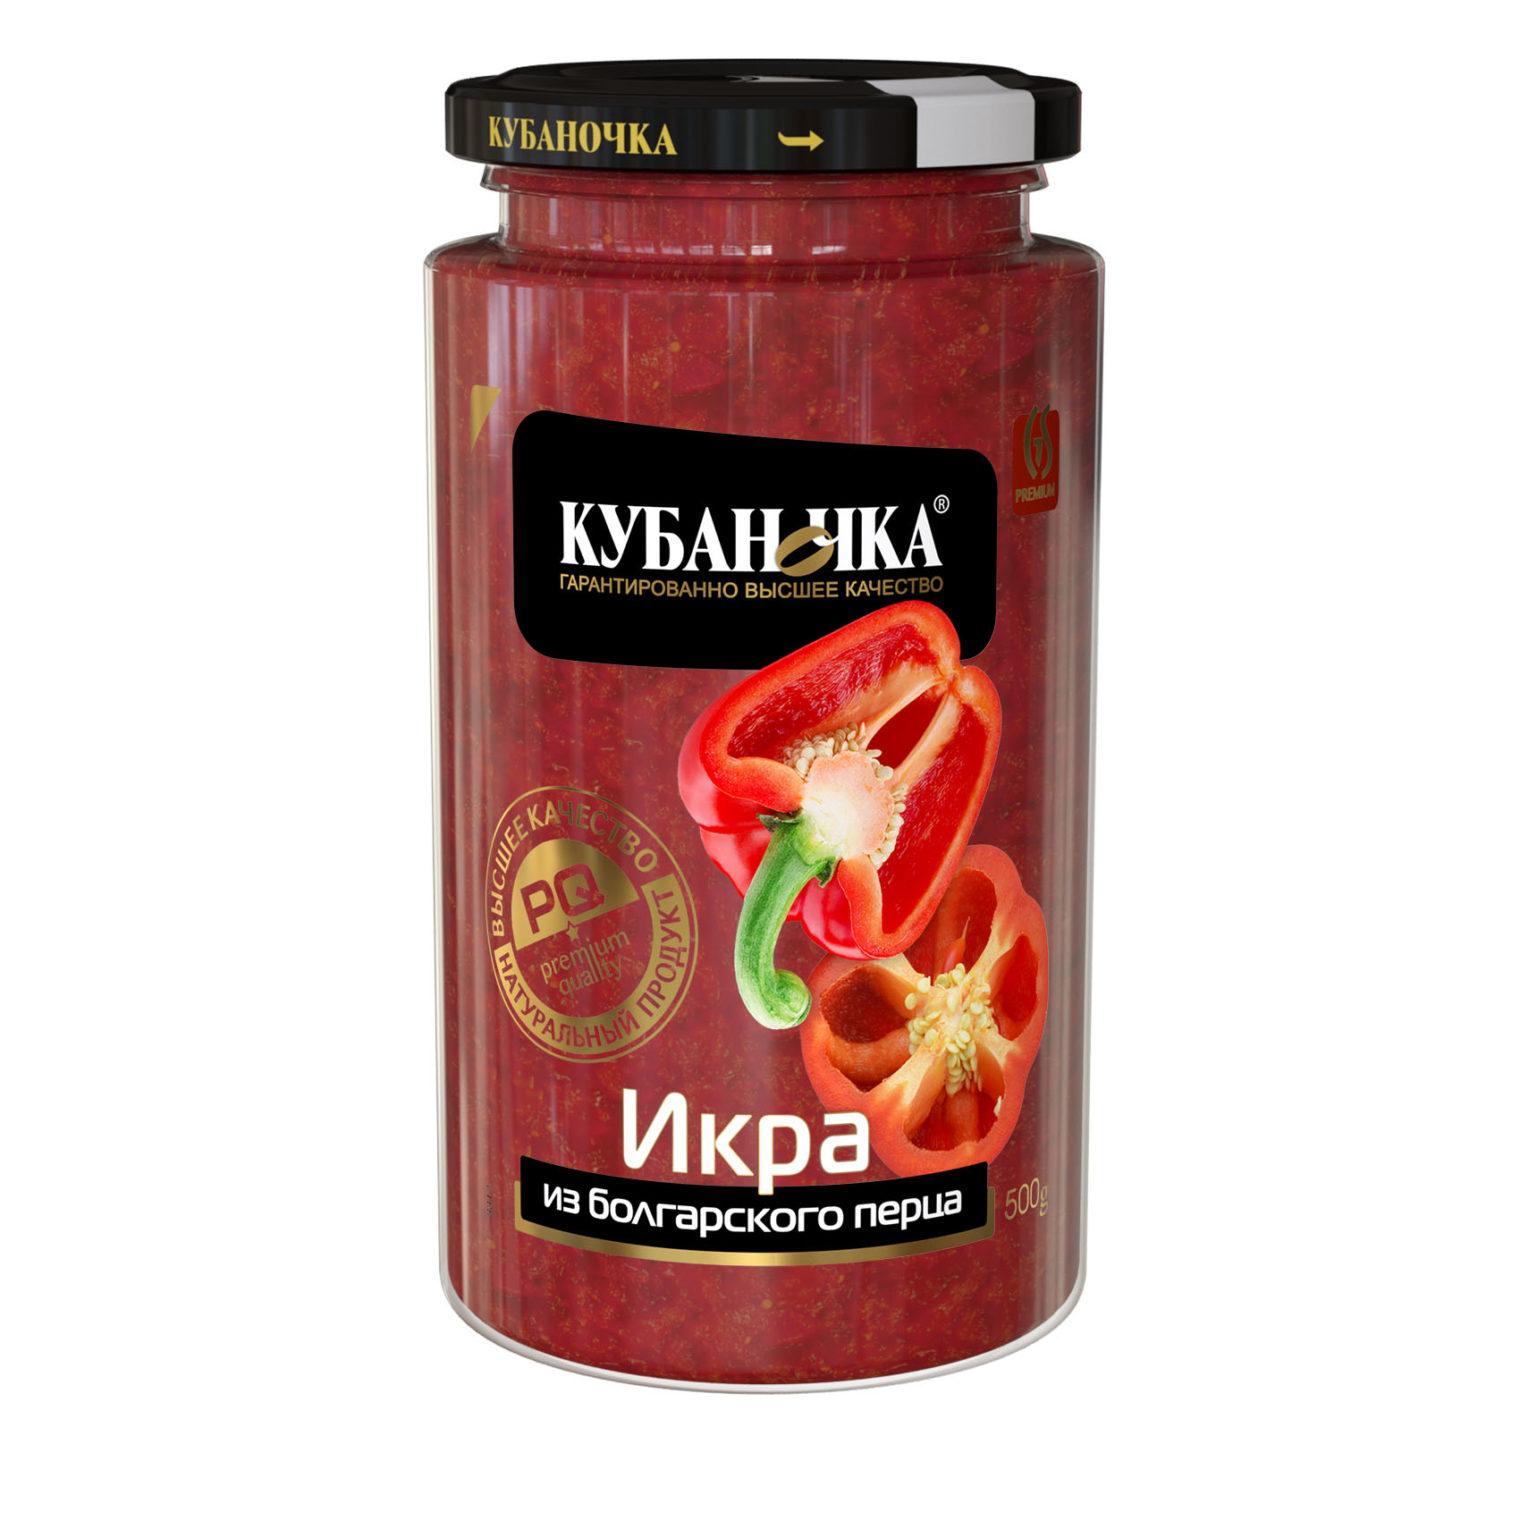 Икра из болгарского перца, Масса: 500 г